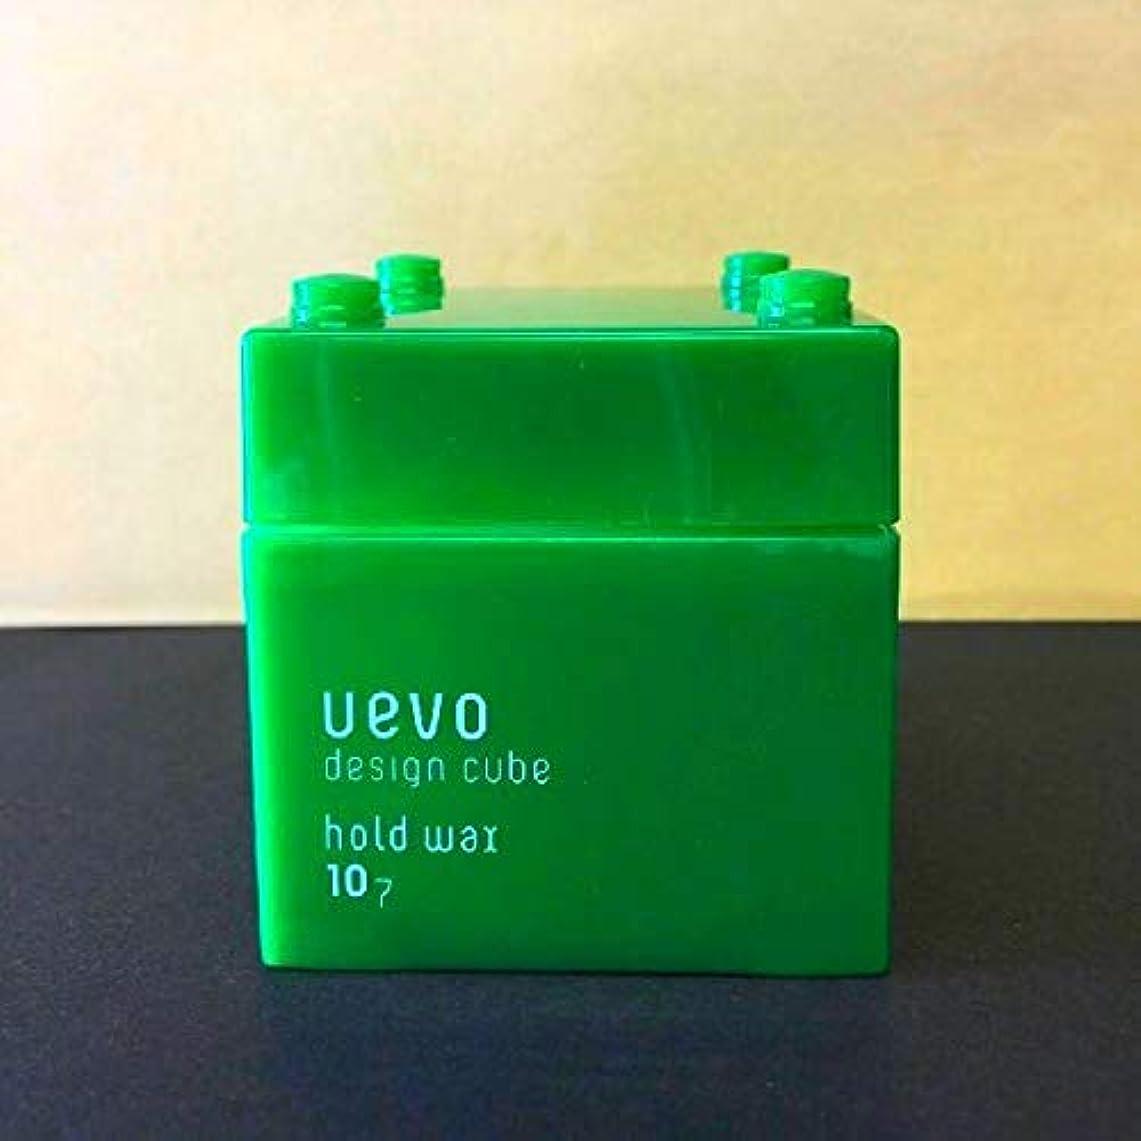 ヒゲクジラ寄付するラッドヤードキップリング【X3個セット】 デミ ウェーボ デザインキューブ ホールドワックス 80g hold wax DEMI uevo design cube